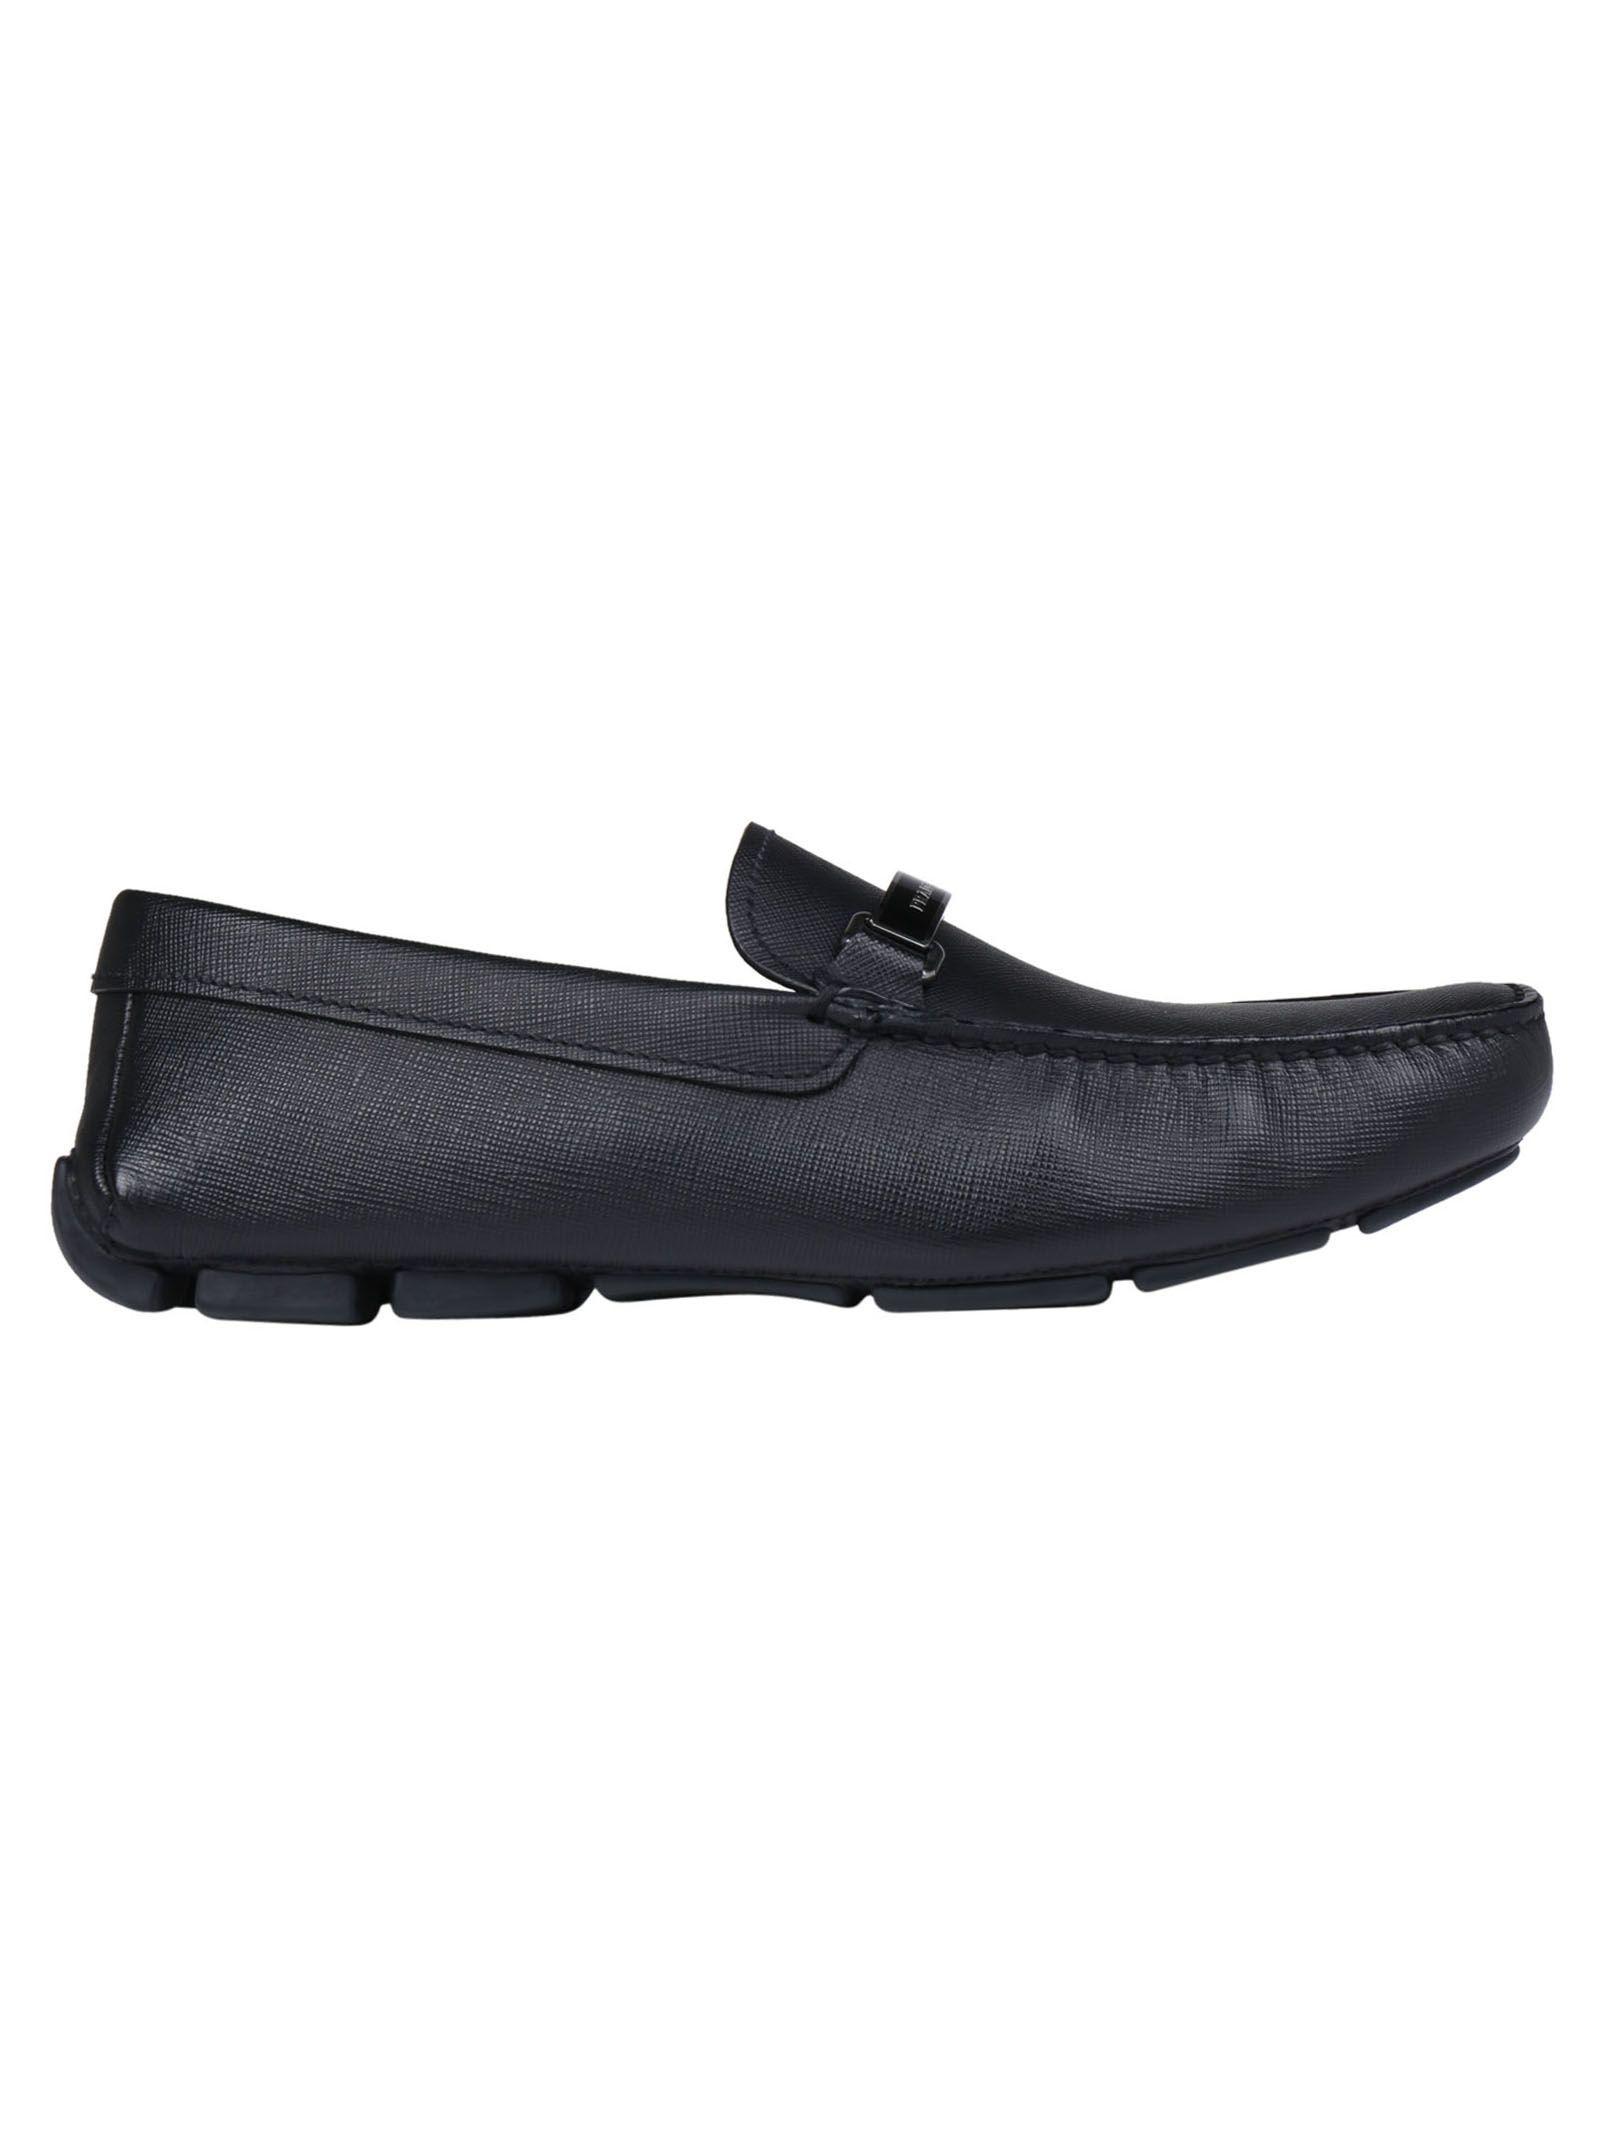 72c902ce172 PRADA DRIVE LOAFERS.  prada  shoes